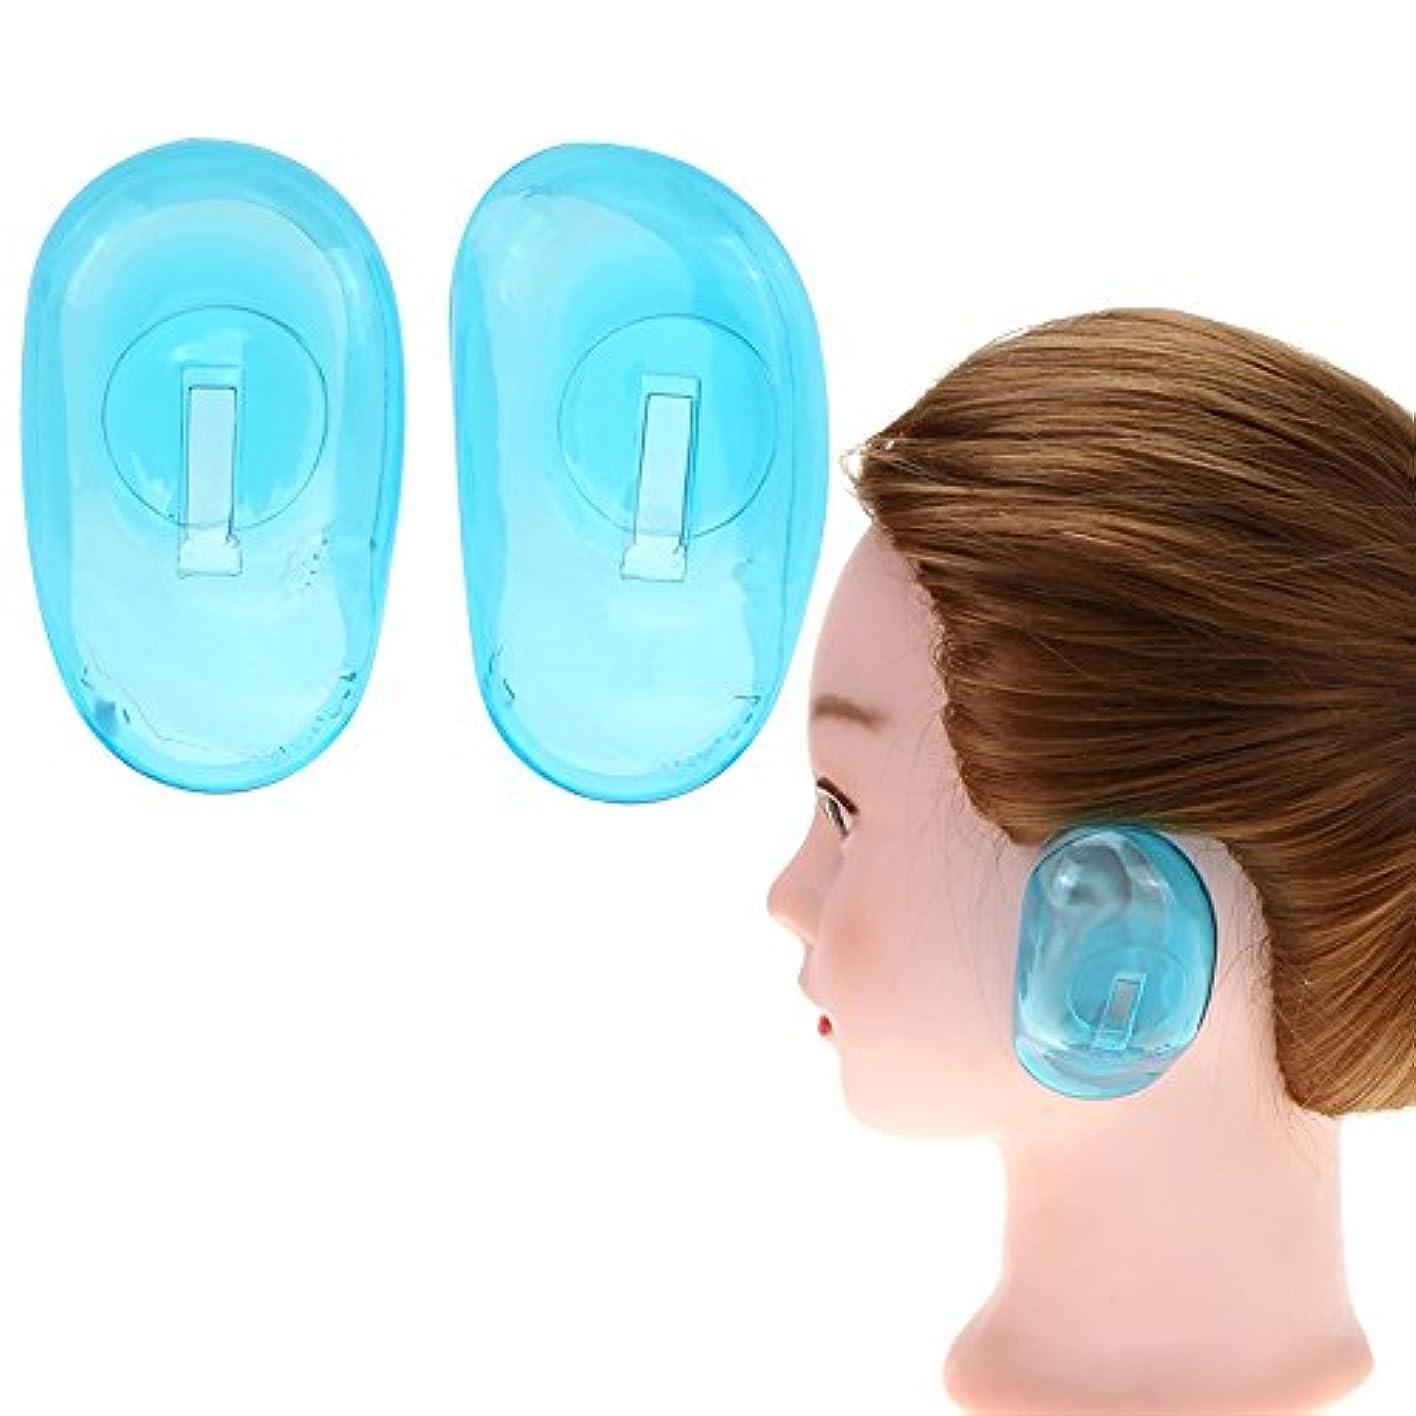 ブランド押し下げるスーパーマーケットRuier-tong 1ペア耳カバー 毛染め用 シリコン製 耳キャップ 柔らかいイヤーキャップ ヘアカラー シャワー 耳保護 ヘアケアツール サロン 洗える 繰り返す使用可能 エコ 8.5x5cm